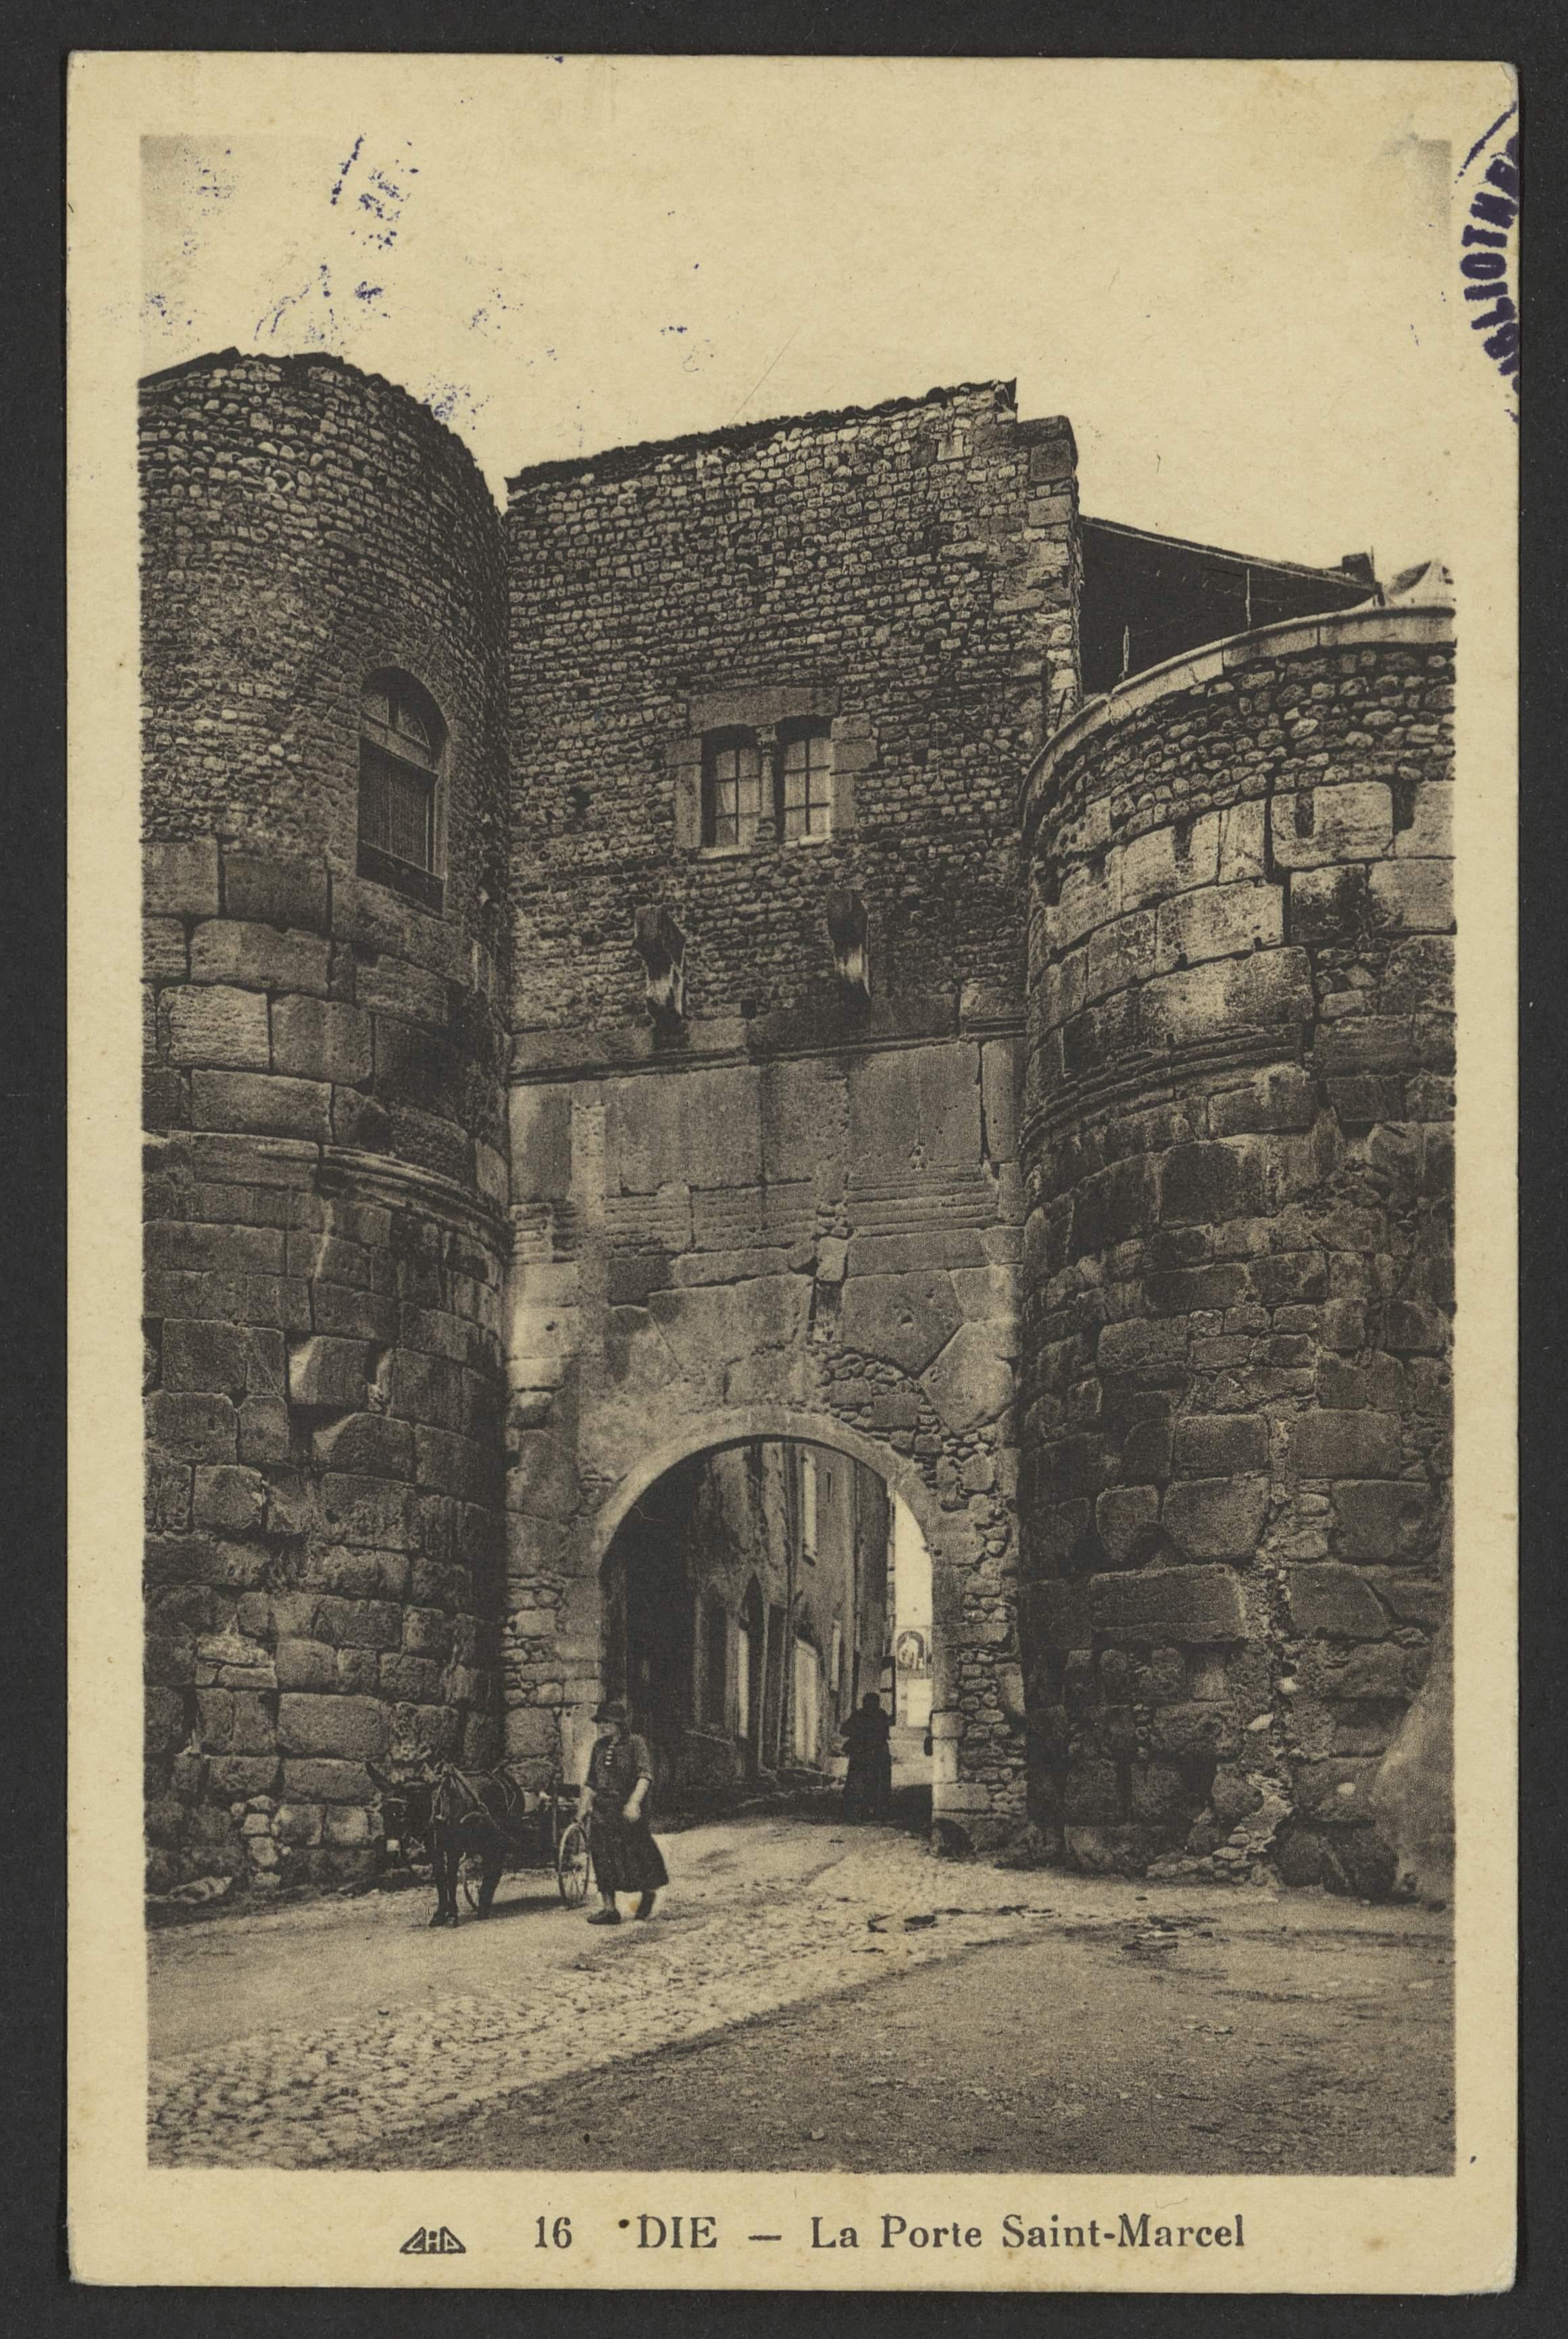 Die - La Porte Saint-Marcel